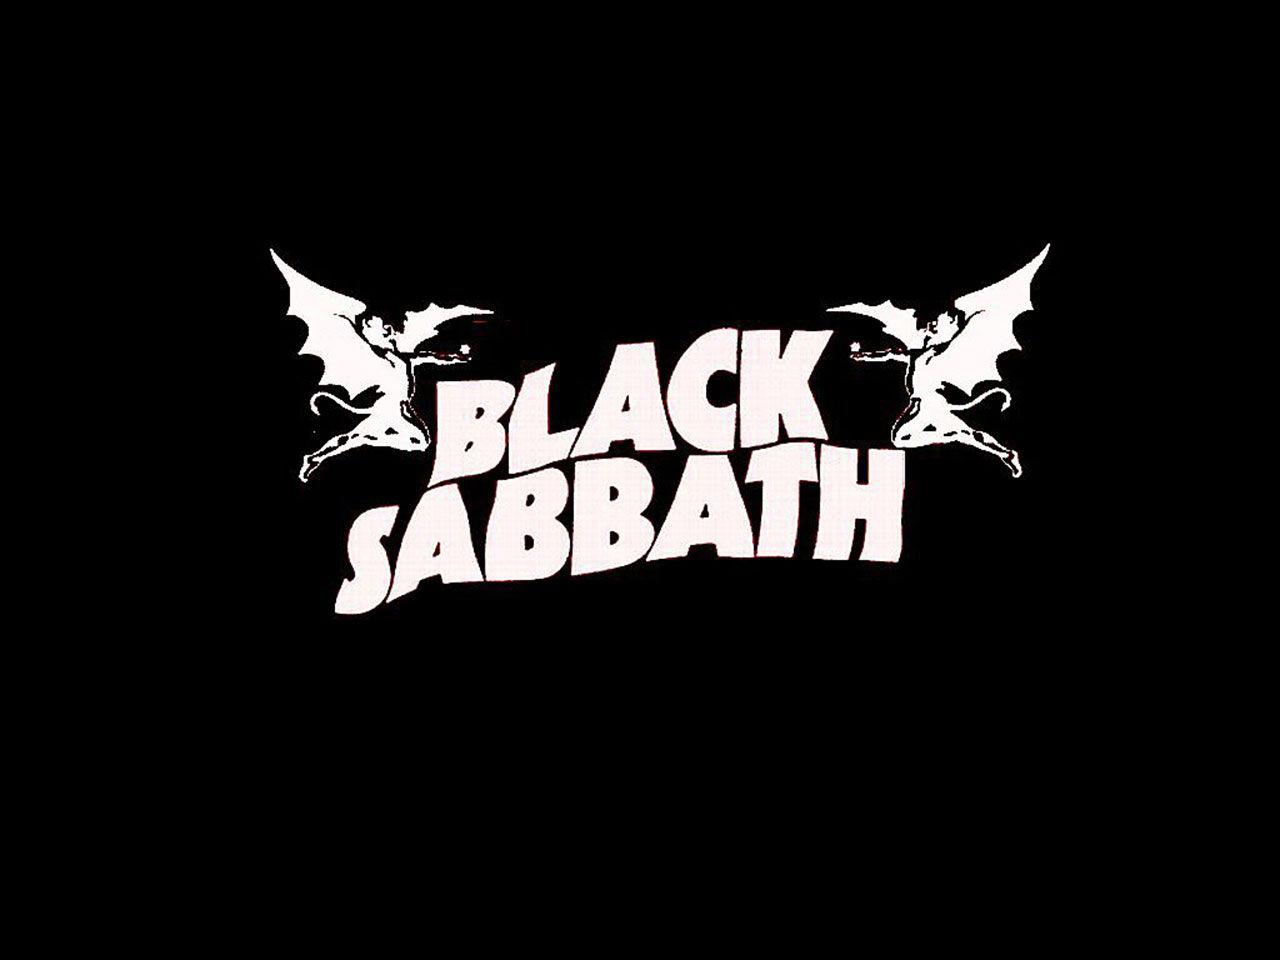 Black Sabbath är tillbaka